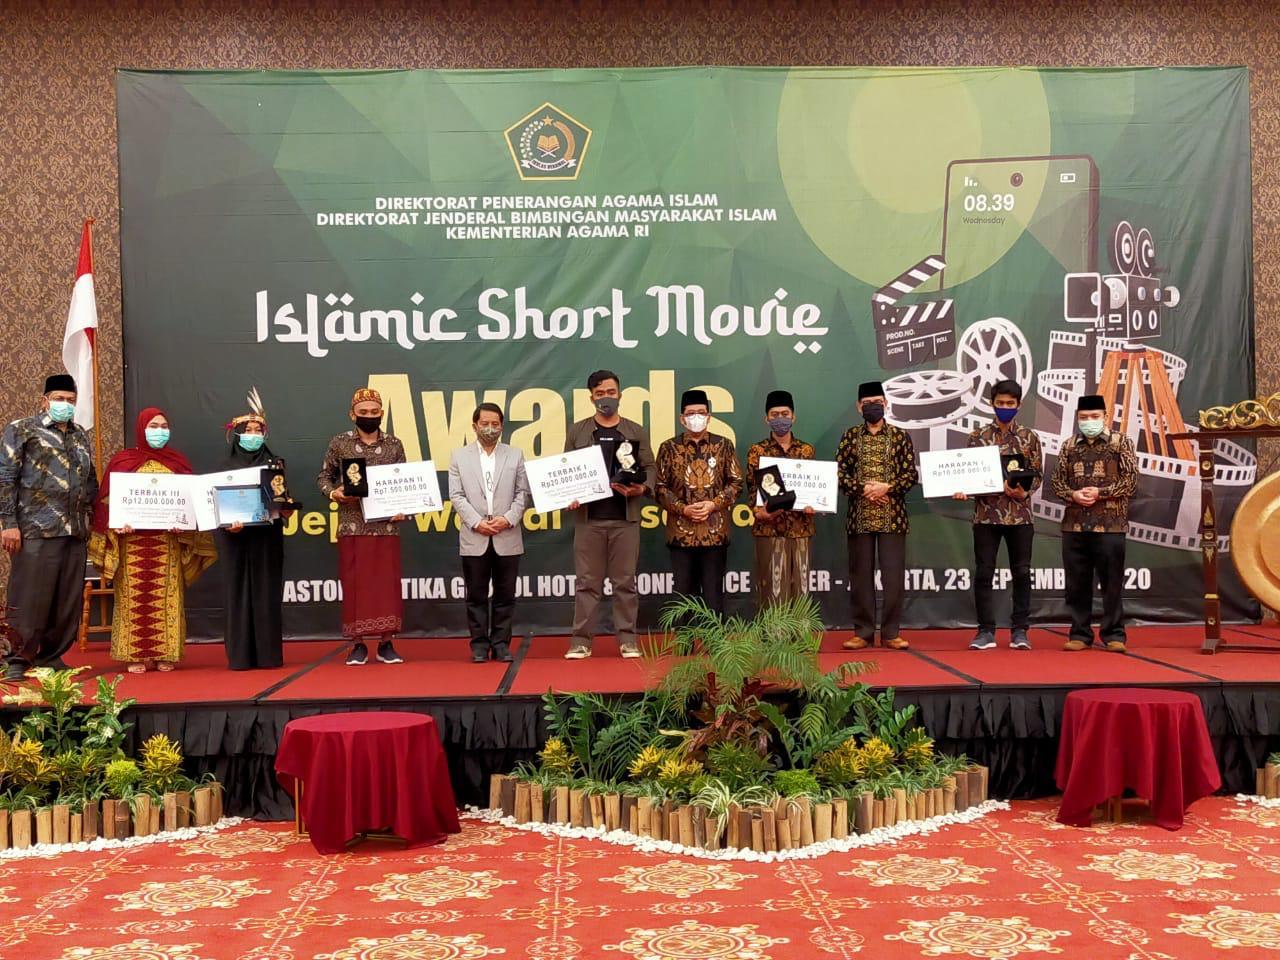 Para Pemenang Kompetisi Film Pendek Jejak Wali Nusantara, Diselenggarakan Kemenag